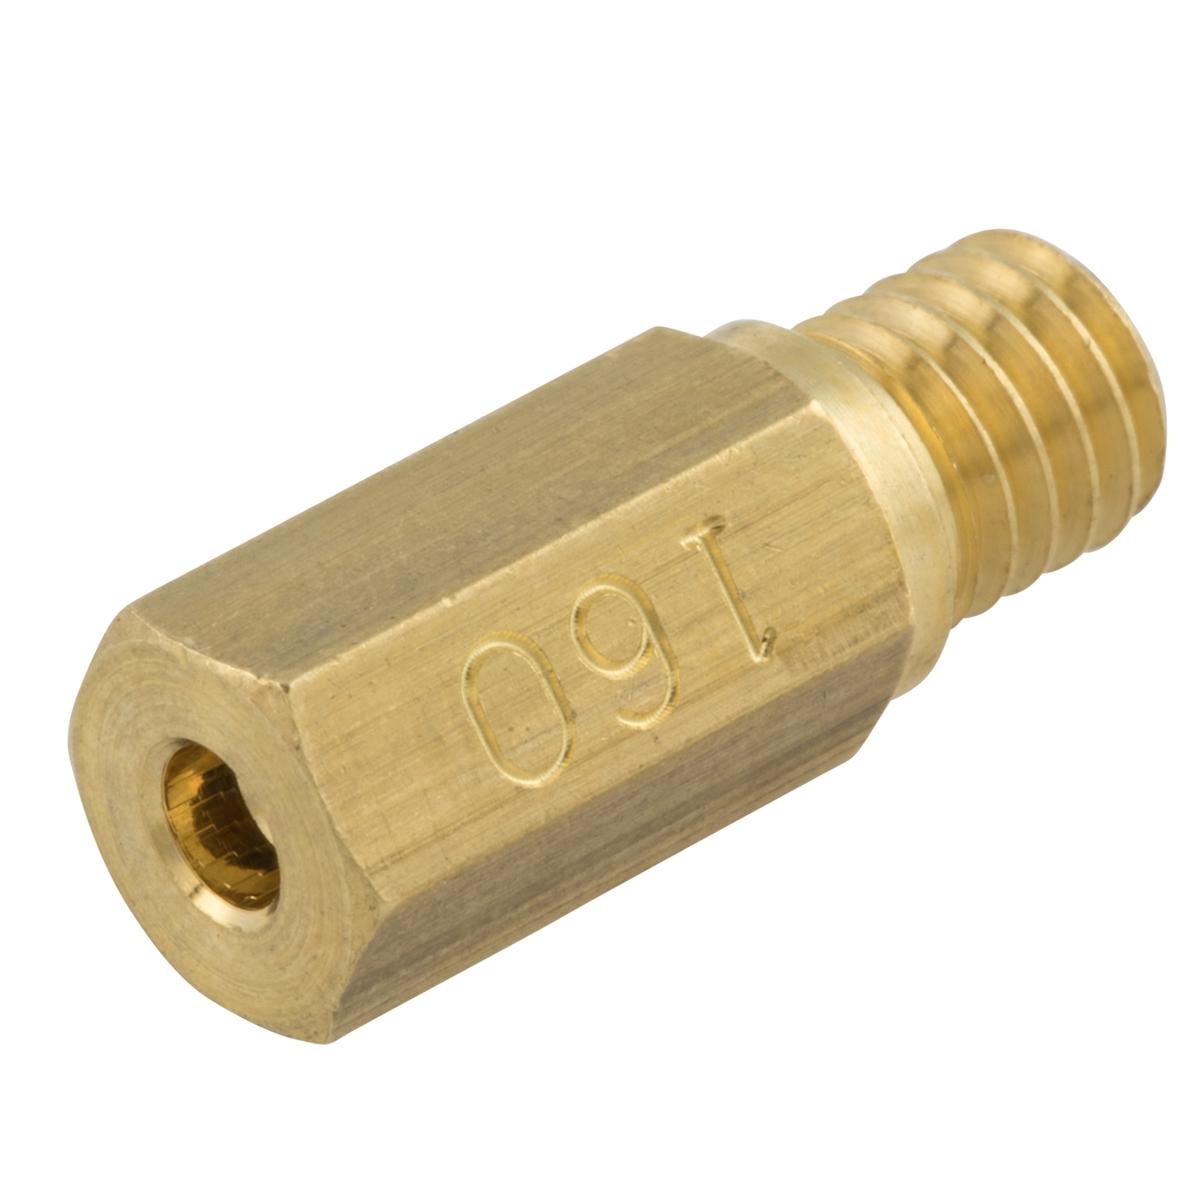 Εικόνα προϊόντος για 'Ζιγκλέρ KMT 160 Ø 6 mmTitle'